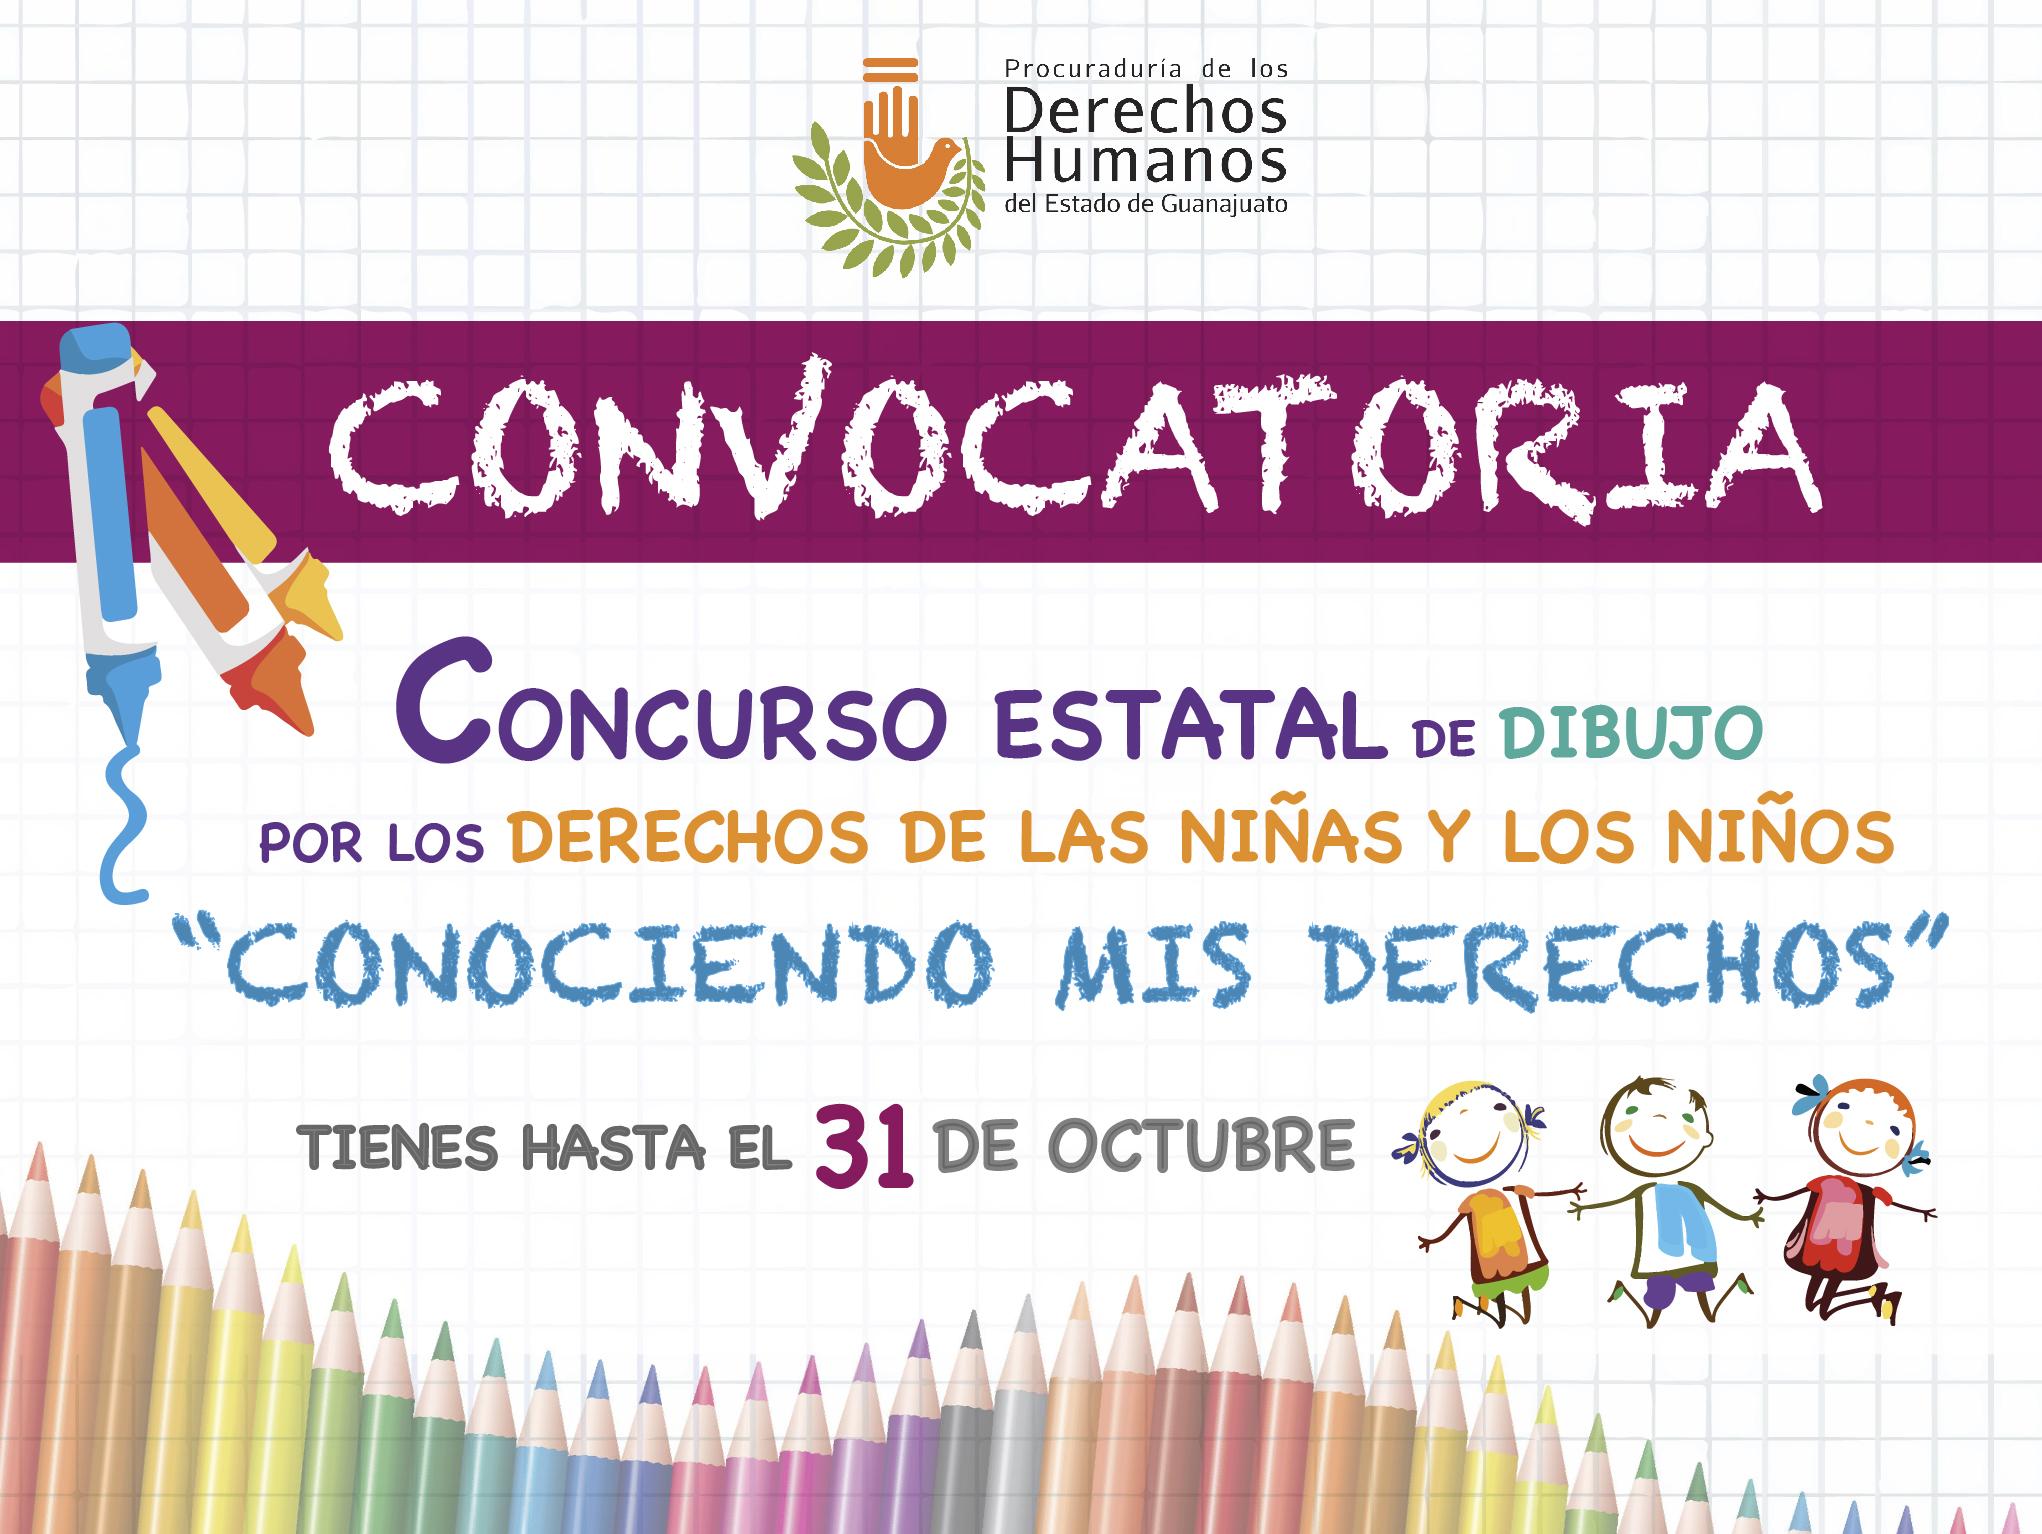 Concurso Estatal de dibujo por los derechos de las niñas y los niños.